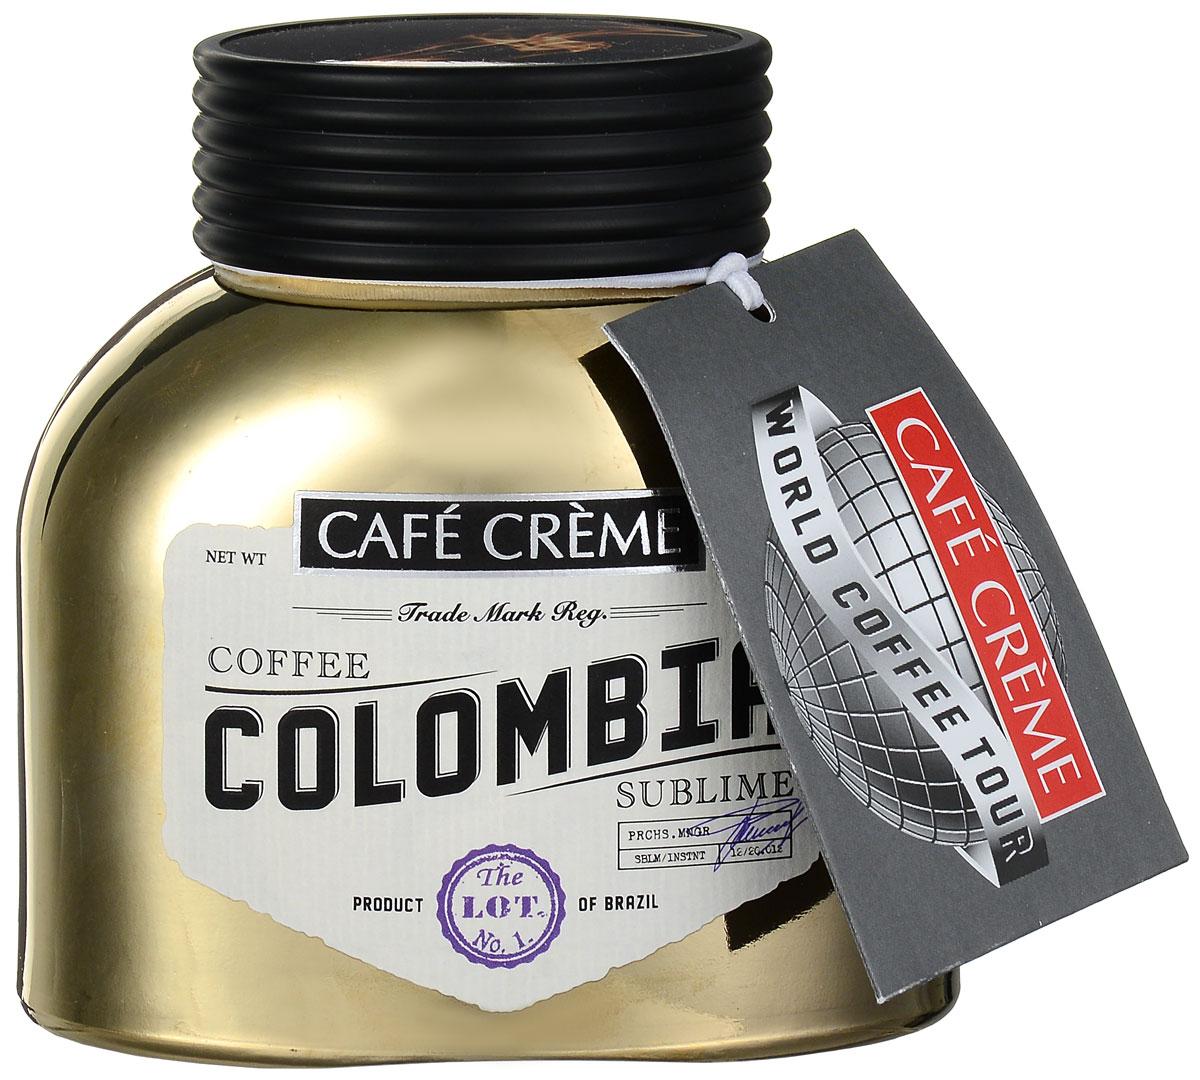 Cafe Creme Colombia кофе растворимый, 100 г4607141337031Cafe Creme Colombia - отменный продукт для истинных кофеманов, ценящих удобство и качество. Бленд представляет собой натуральный растворимый сублимированный кофе, выполненный из 100 % колумбийской арабики, скрещенной с эксцельсо. Чтобы достичь безупречно мягкого вкуса, в смеси были использованы кофейные зерна, выросшие в тени высоких деревьев. Готовый напиток обладает нежным, но в тоже время округлым полнотелым вкусом и многогранным ароматом. Продолжительное обволакивающее послевкусие оставит приятное впечатление.